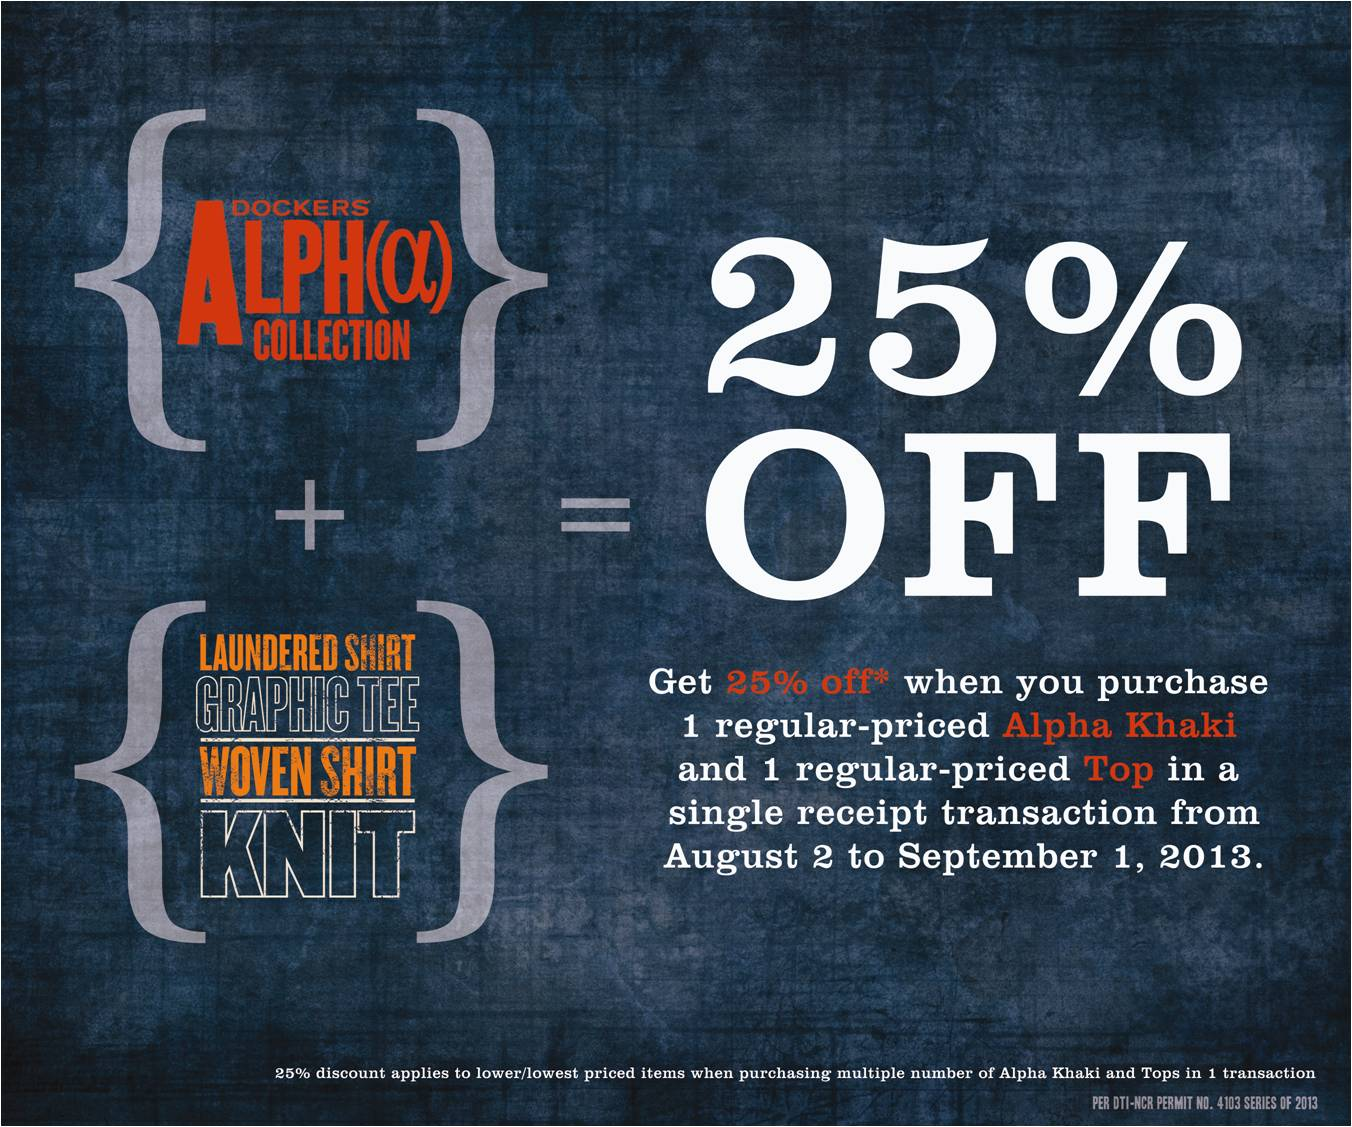 Dockers Alpha Khaki Promo August - September 2013